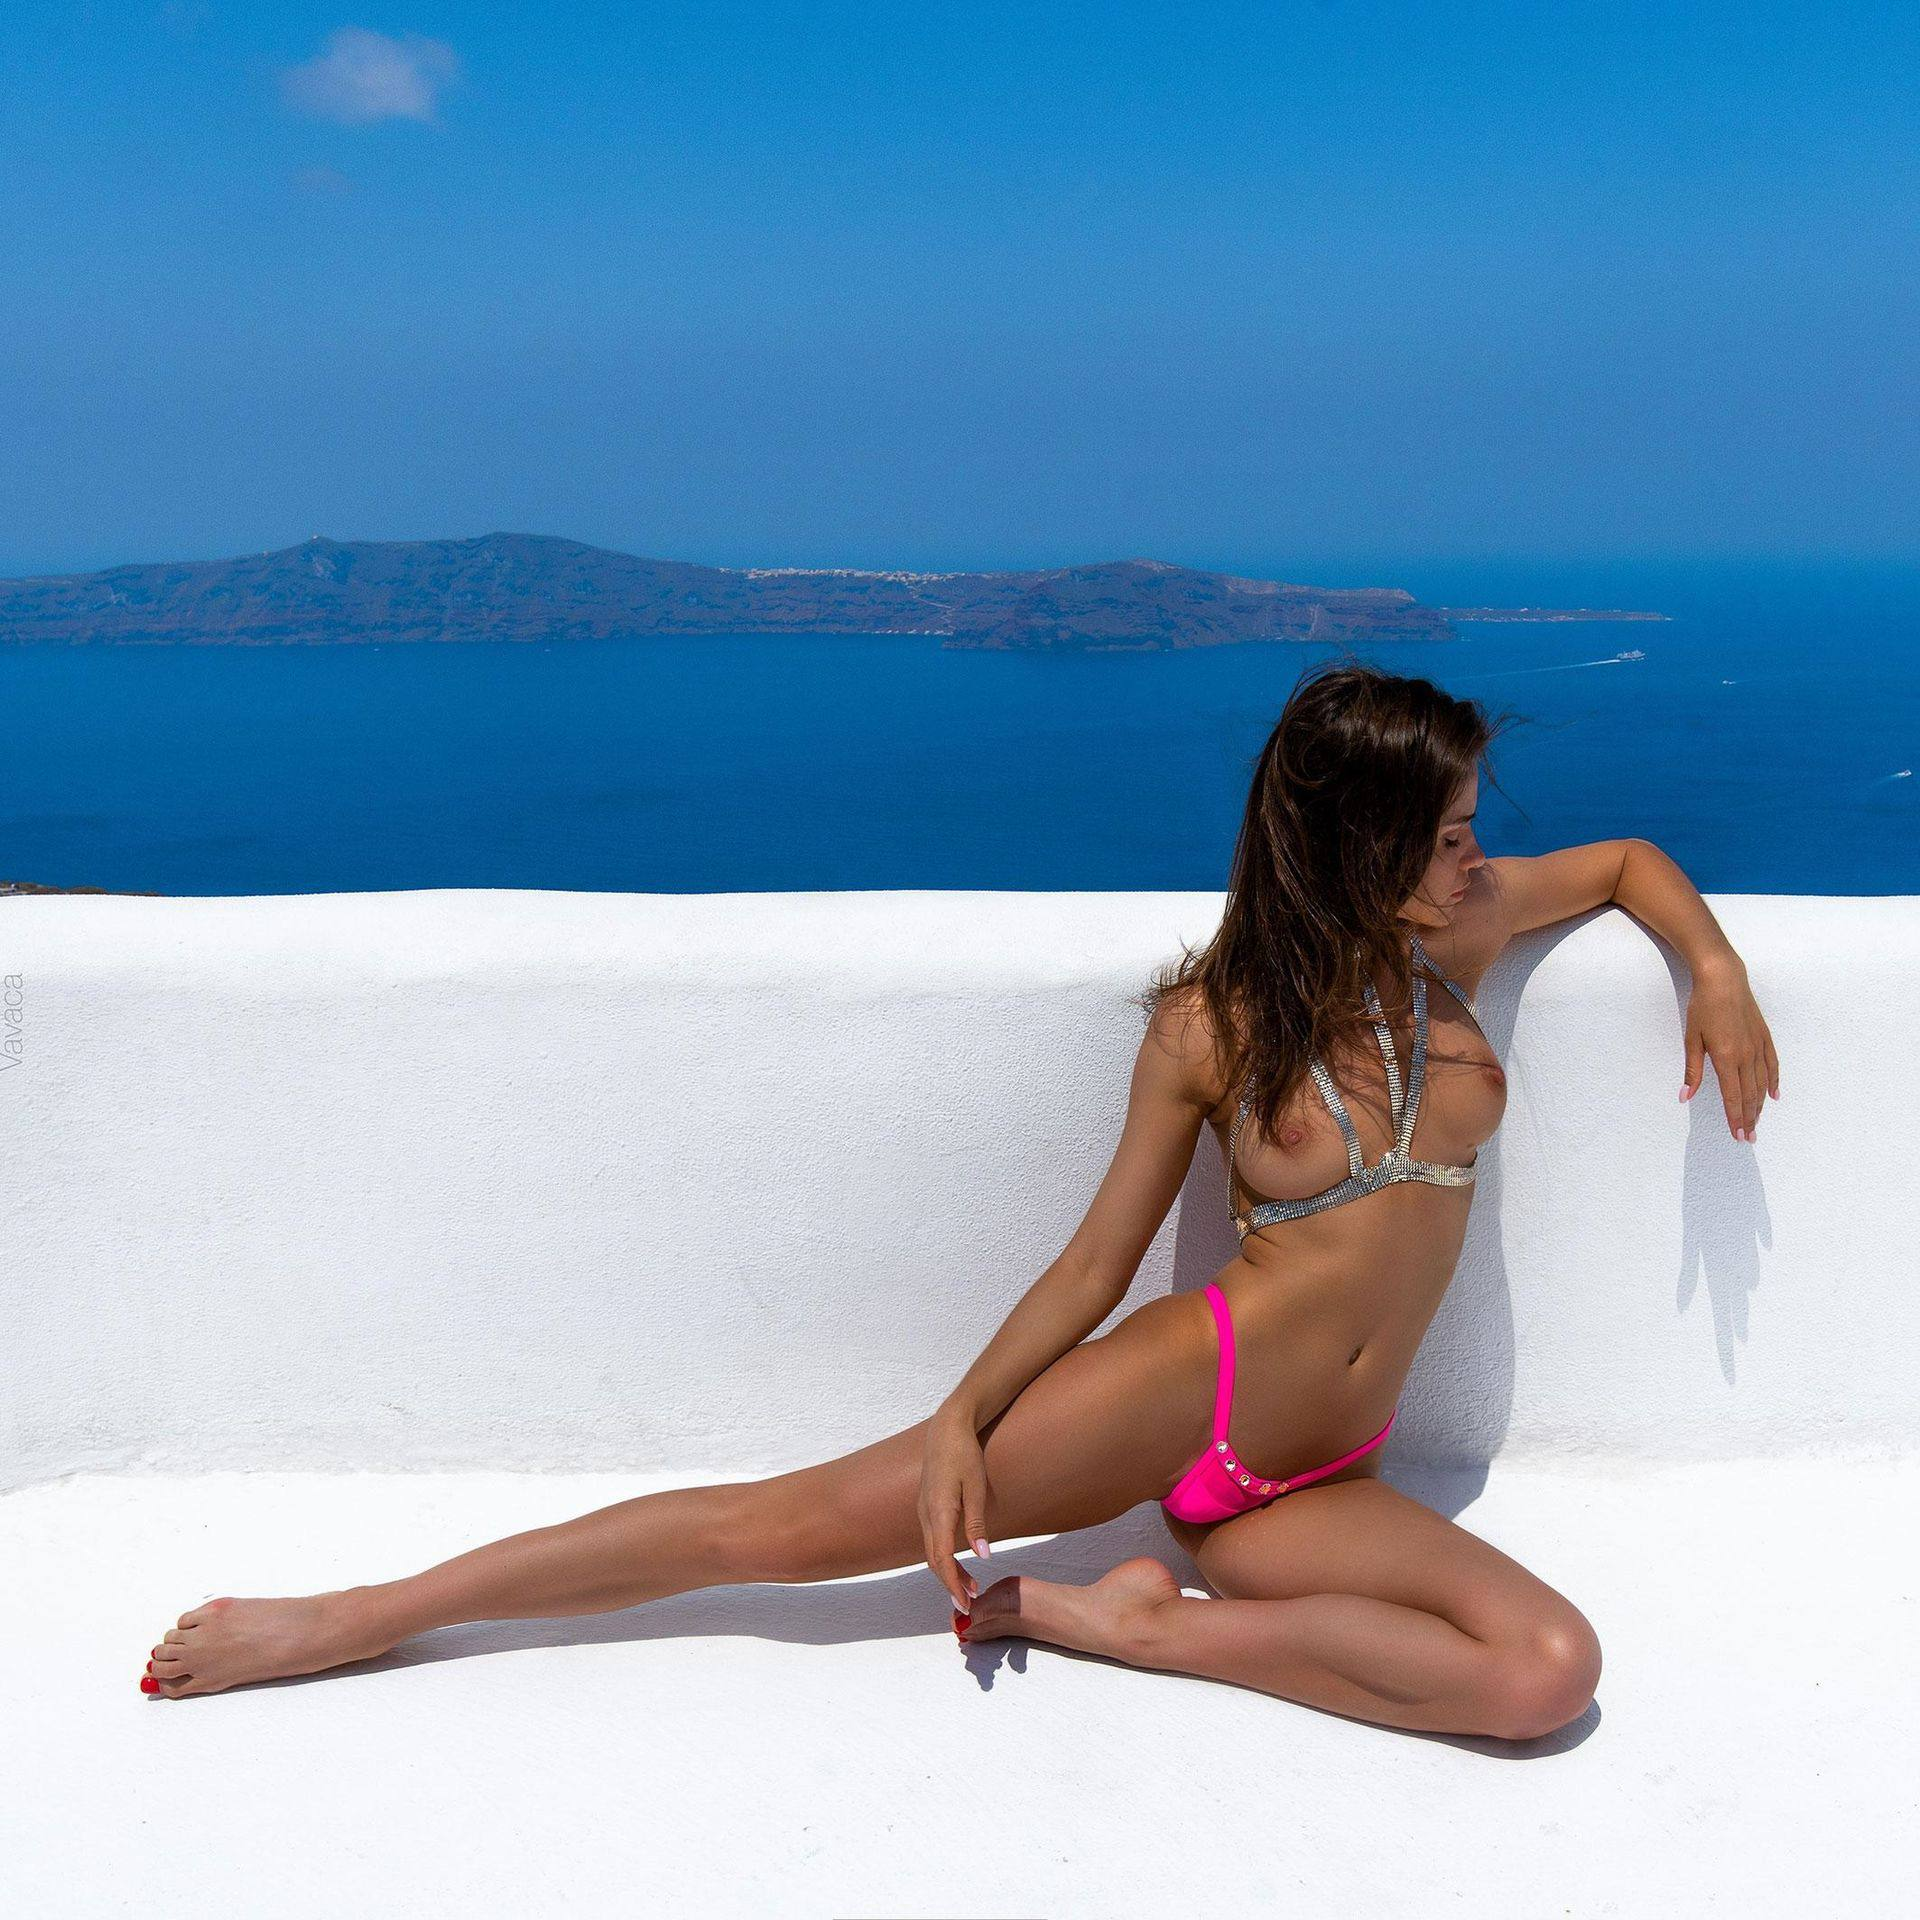 Kristina Makarova – Hot Body In Topless Photoshoot By Vladimir Nikolayev (nsfw) 0007